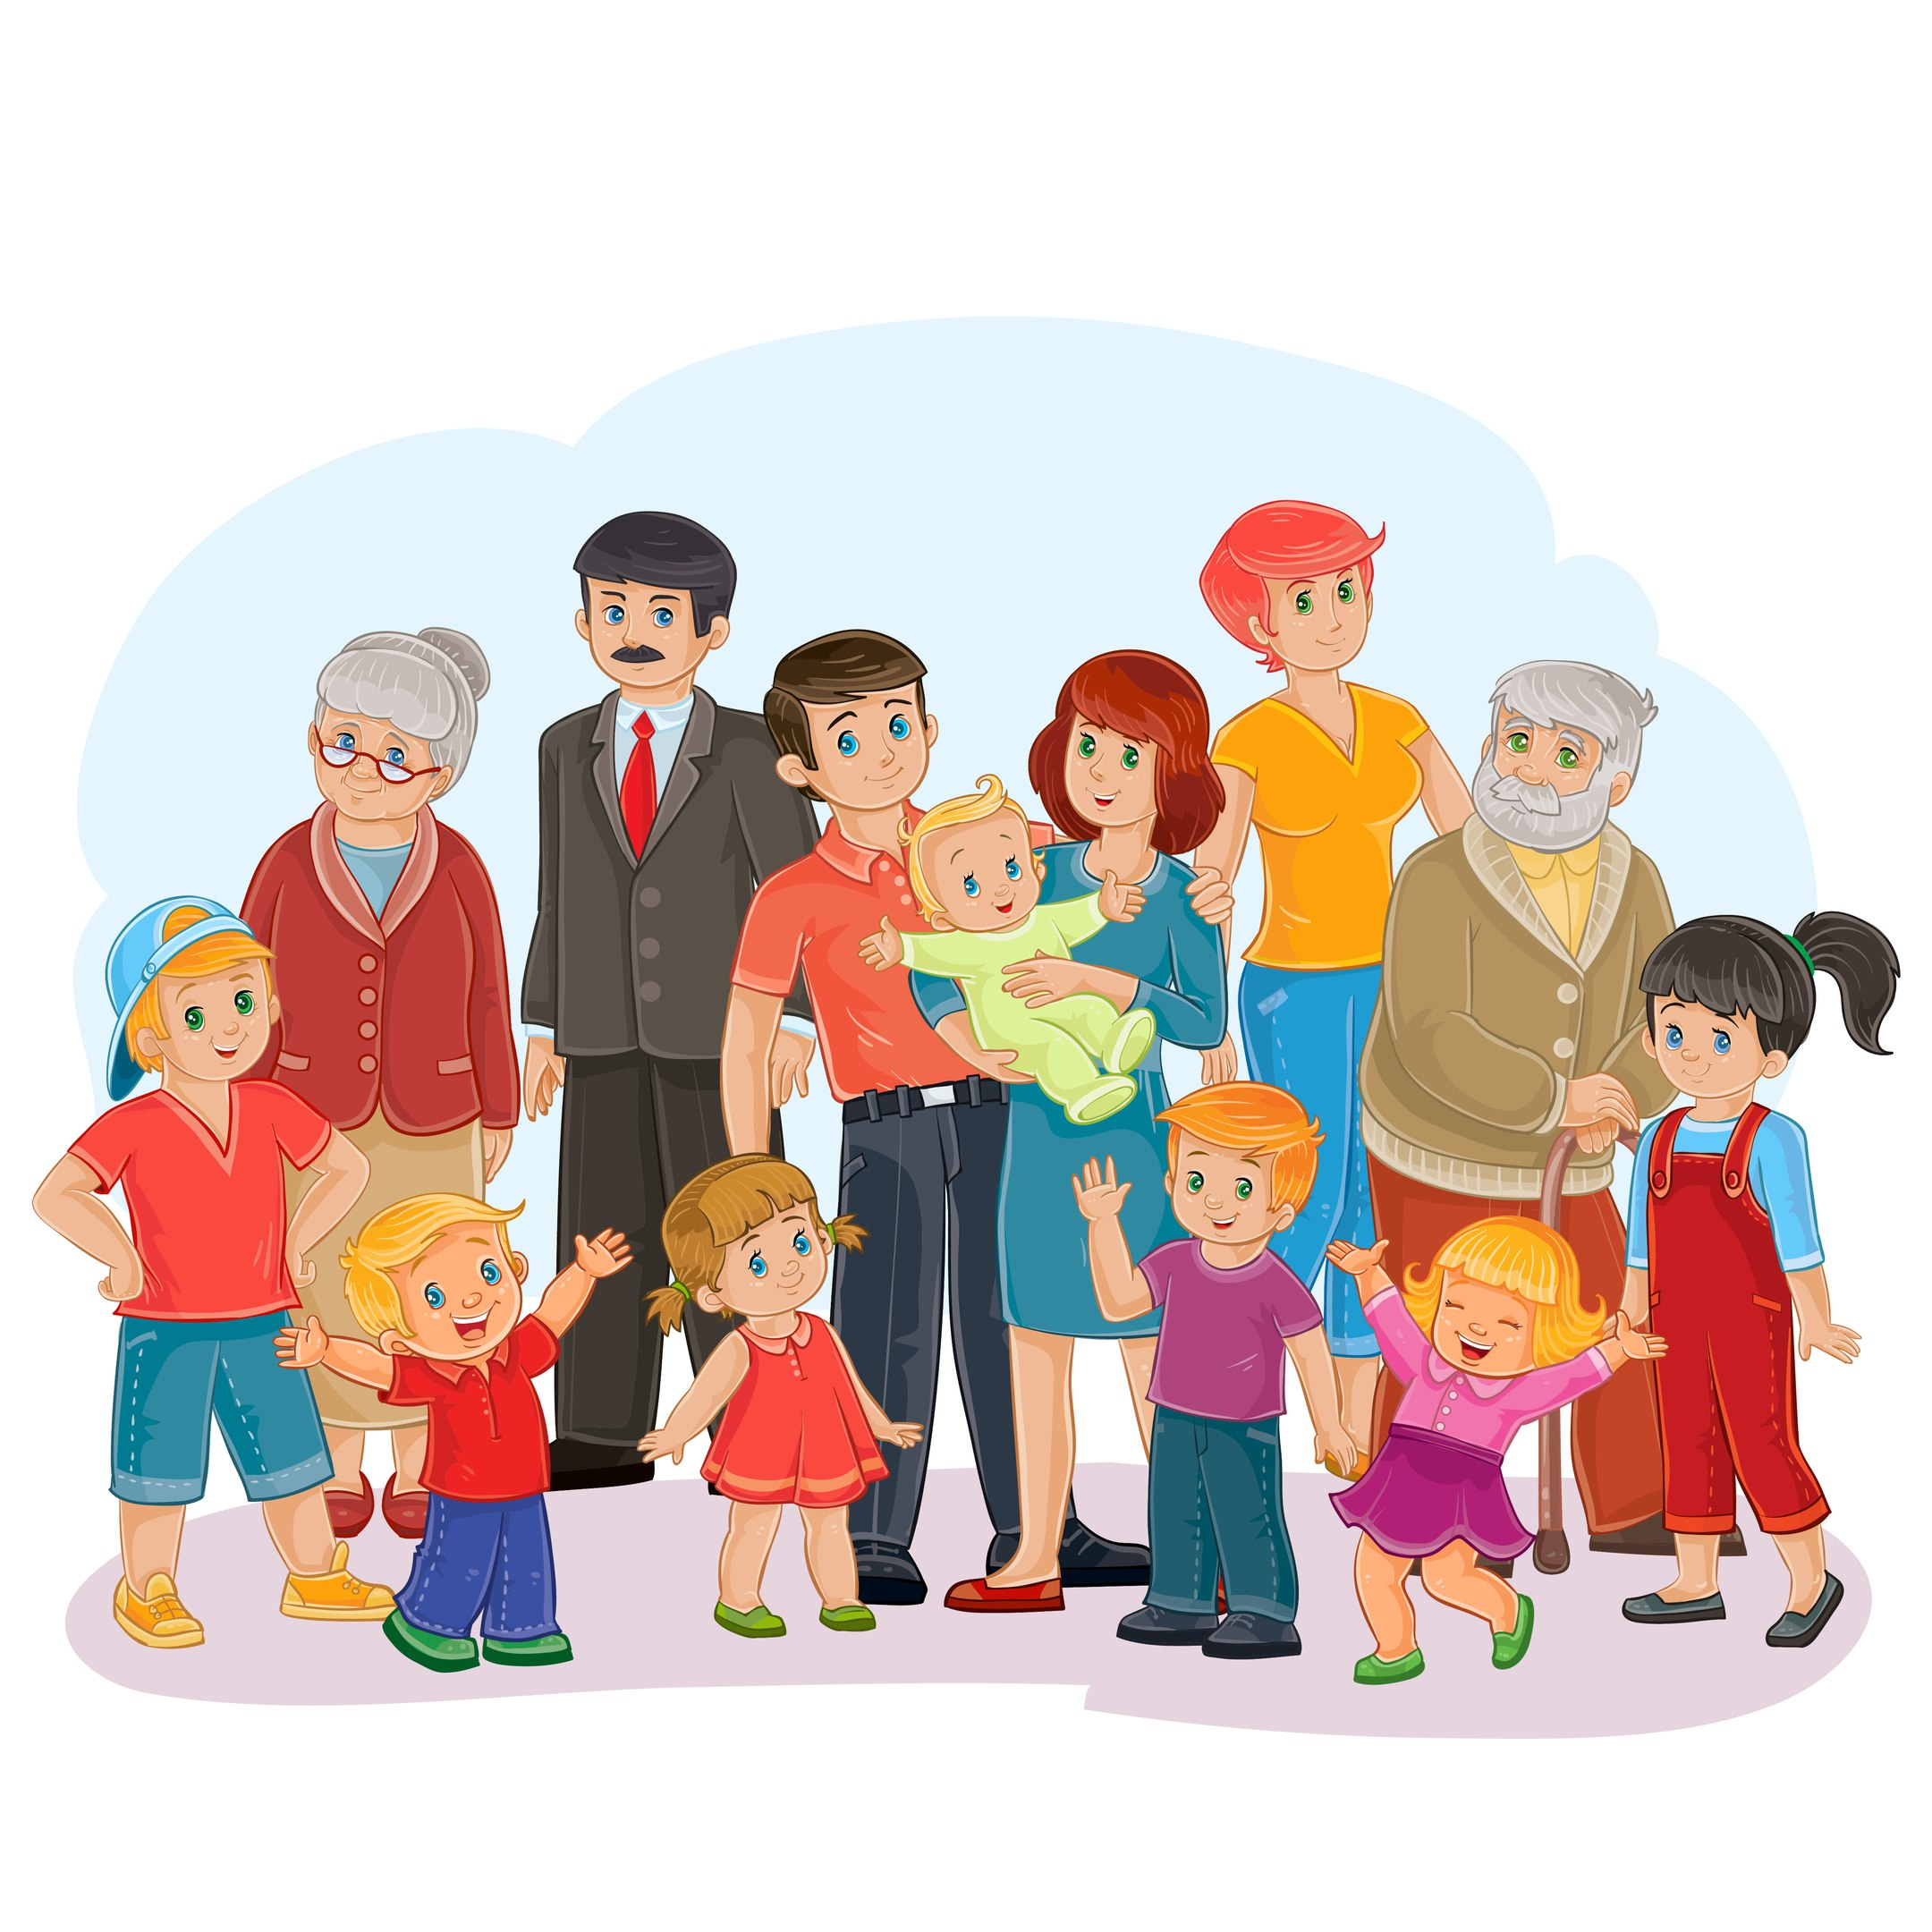 Моя семья — моя крепость | Молодежный портал